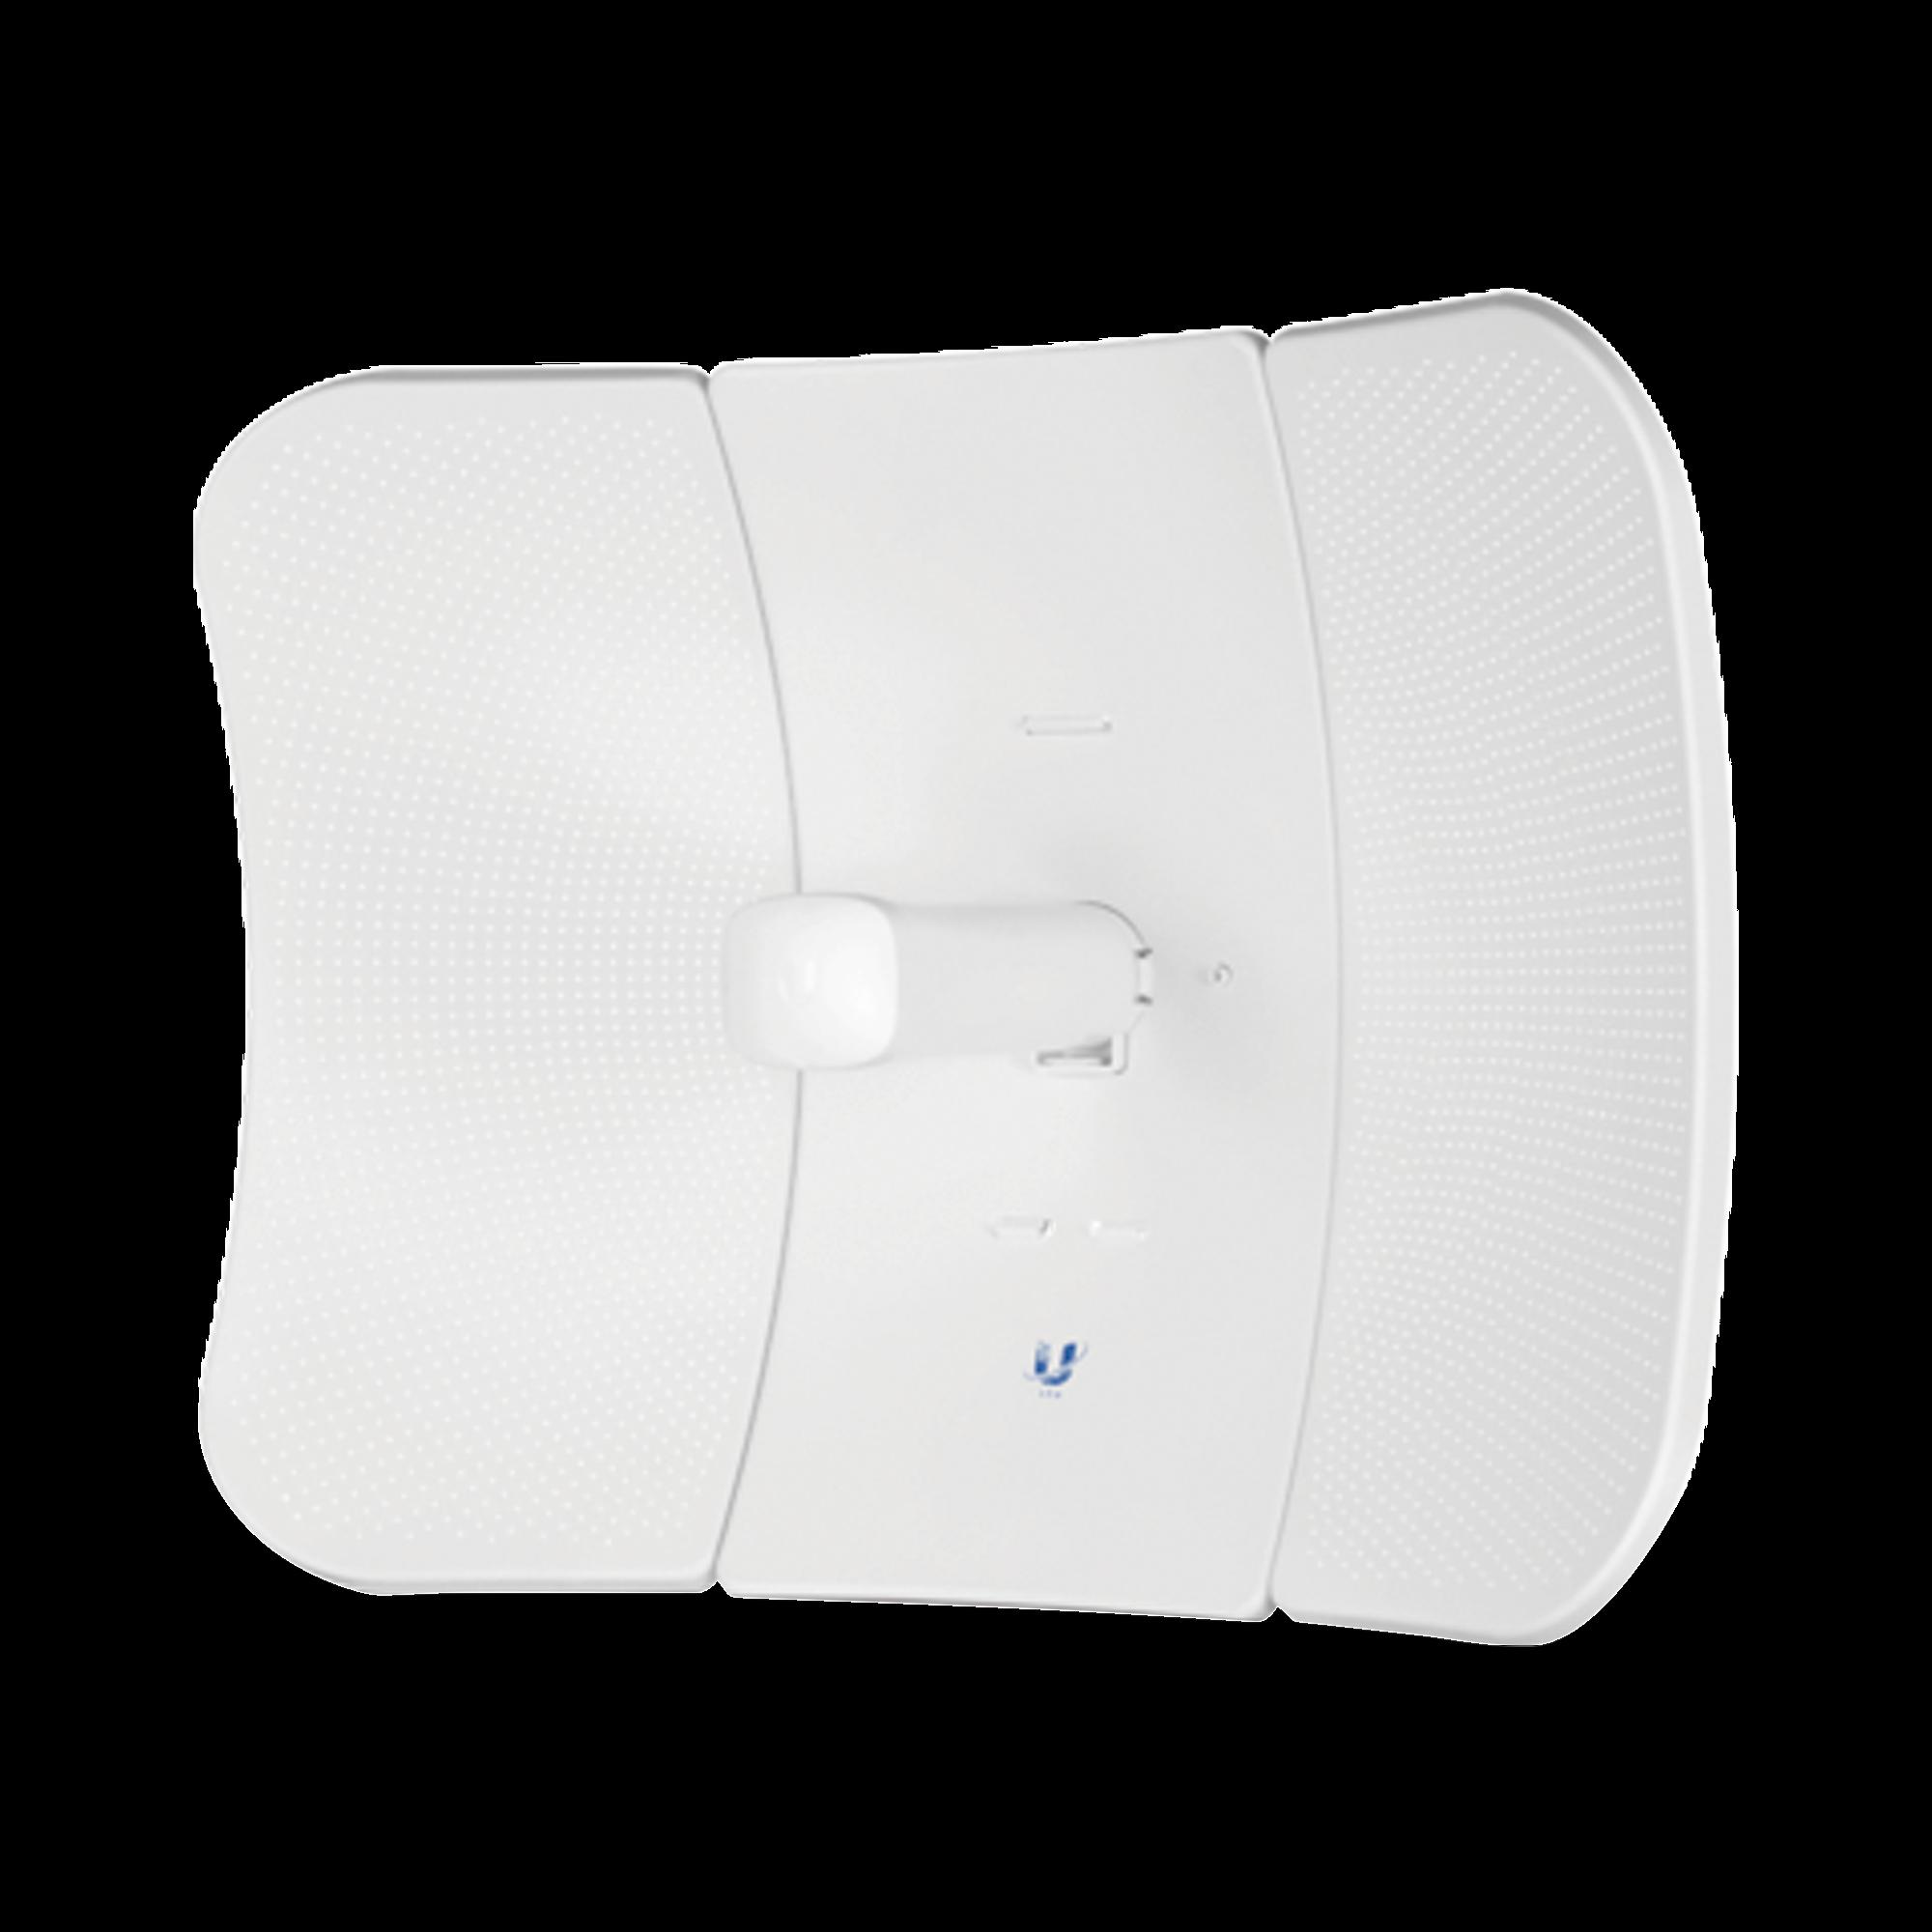 Cliente PtMP LTU? Long Range, 5 GHz (4.8 - 6-2 GHz) con antena integrada de 26 dBi